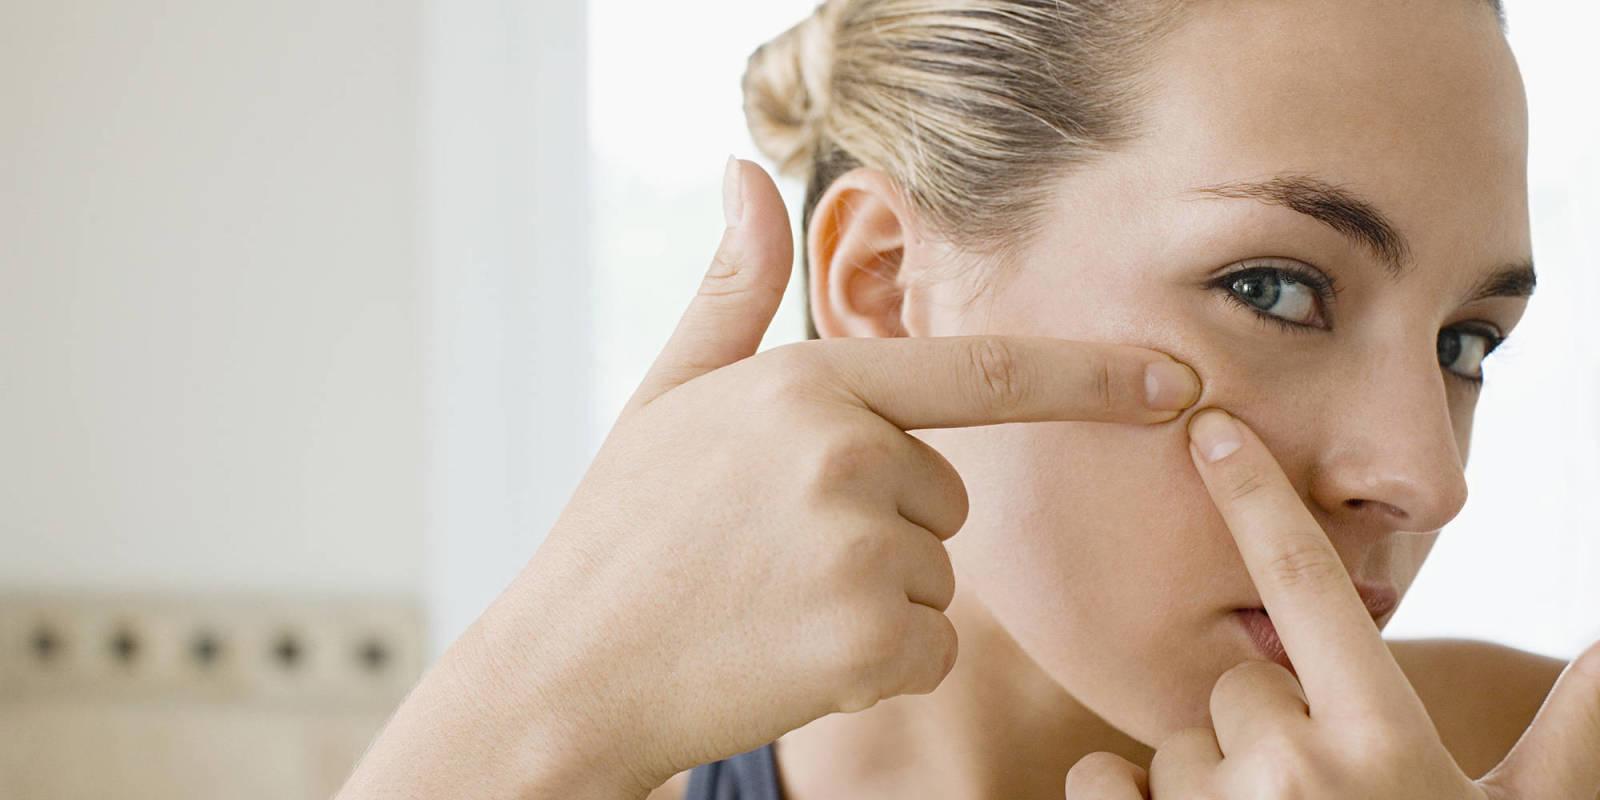 Как быстро избавится от болячек на лице в домашних условиях